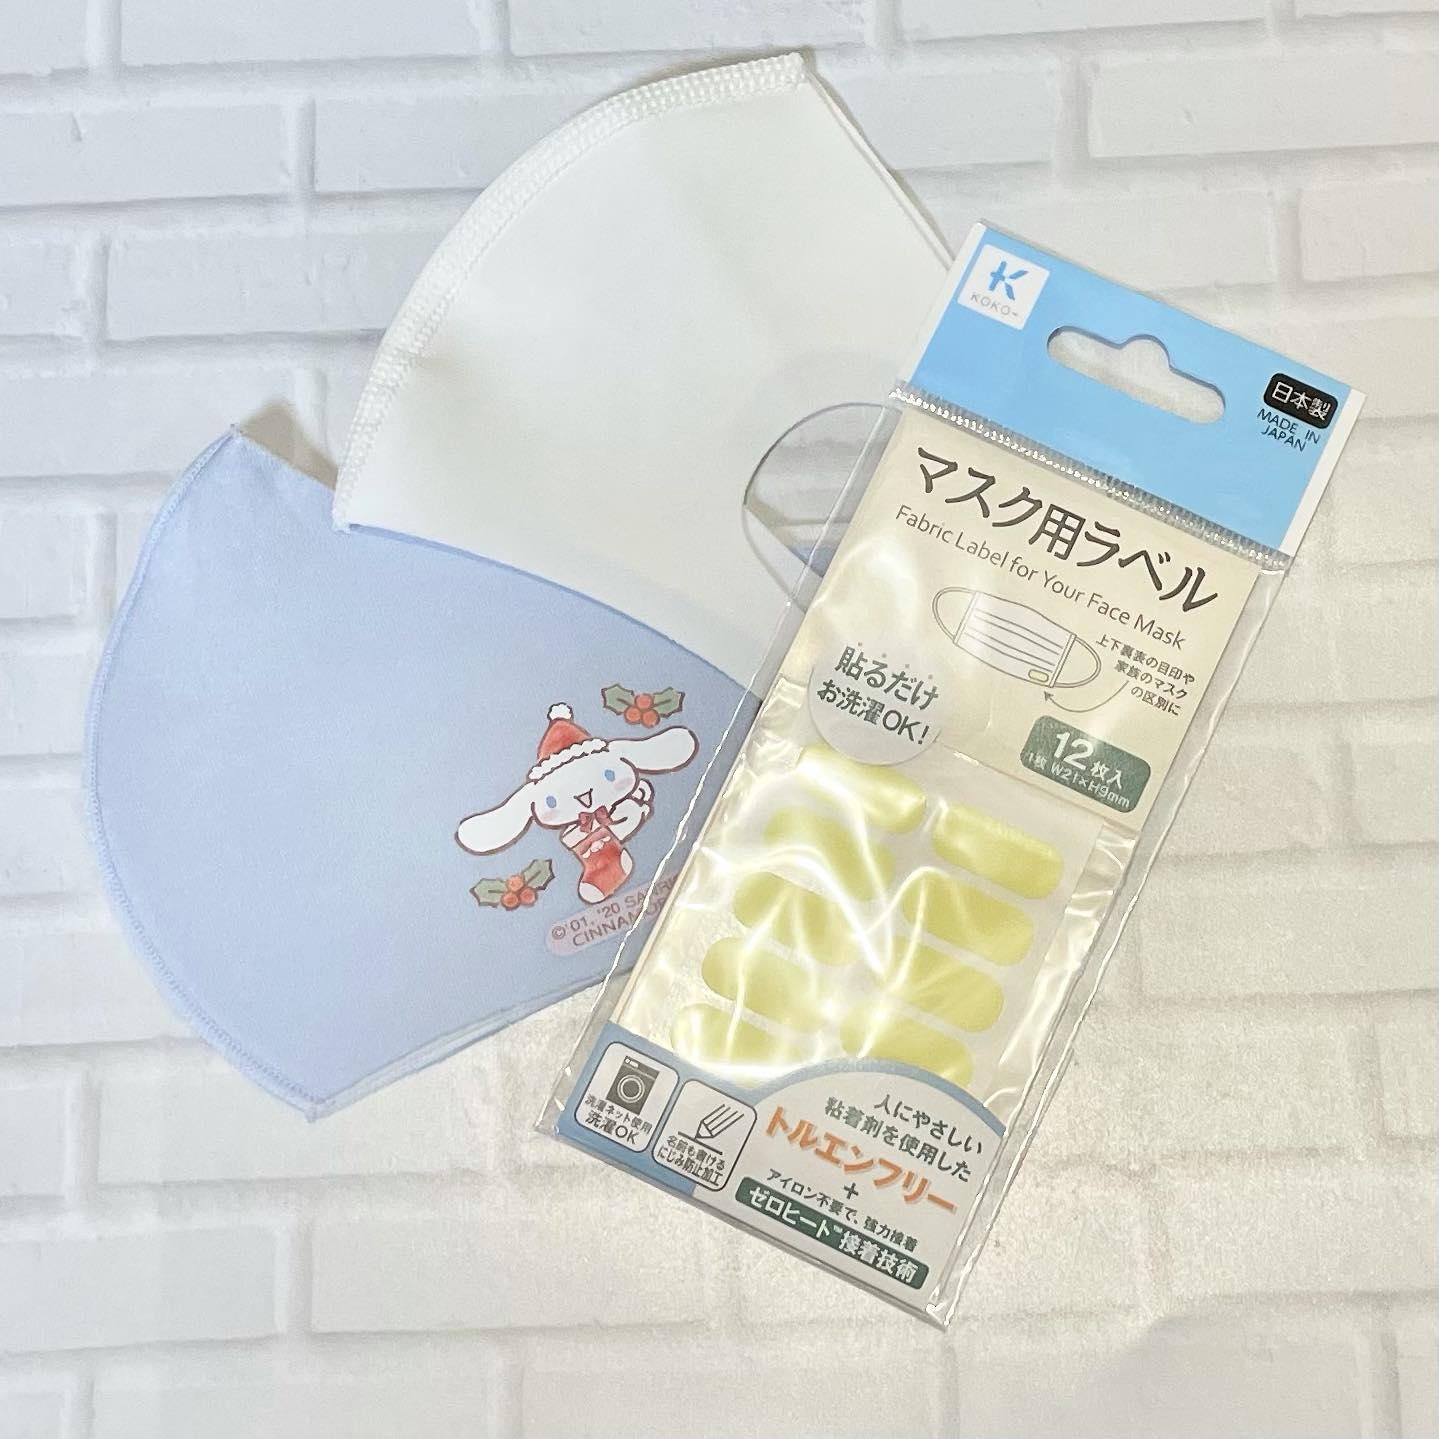 口コミ投稿:*【マスク用ラベル】貼るだけ、お洗濯OK!マスクのしるしつけにマスク用ラベル♬約21×9…